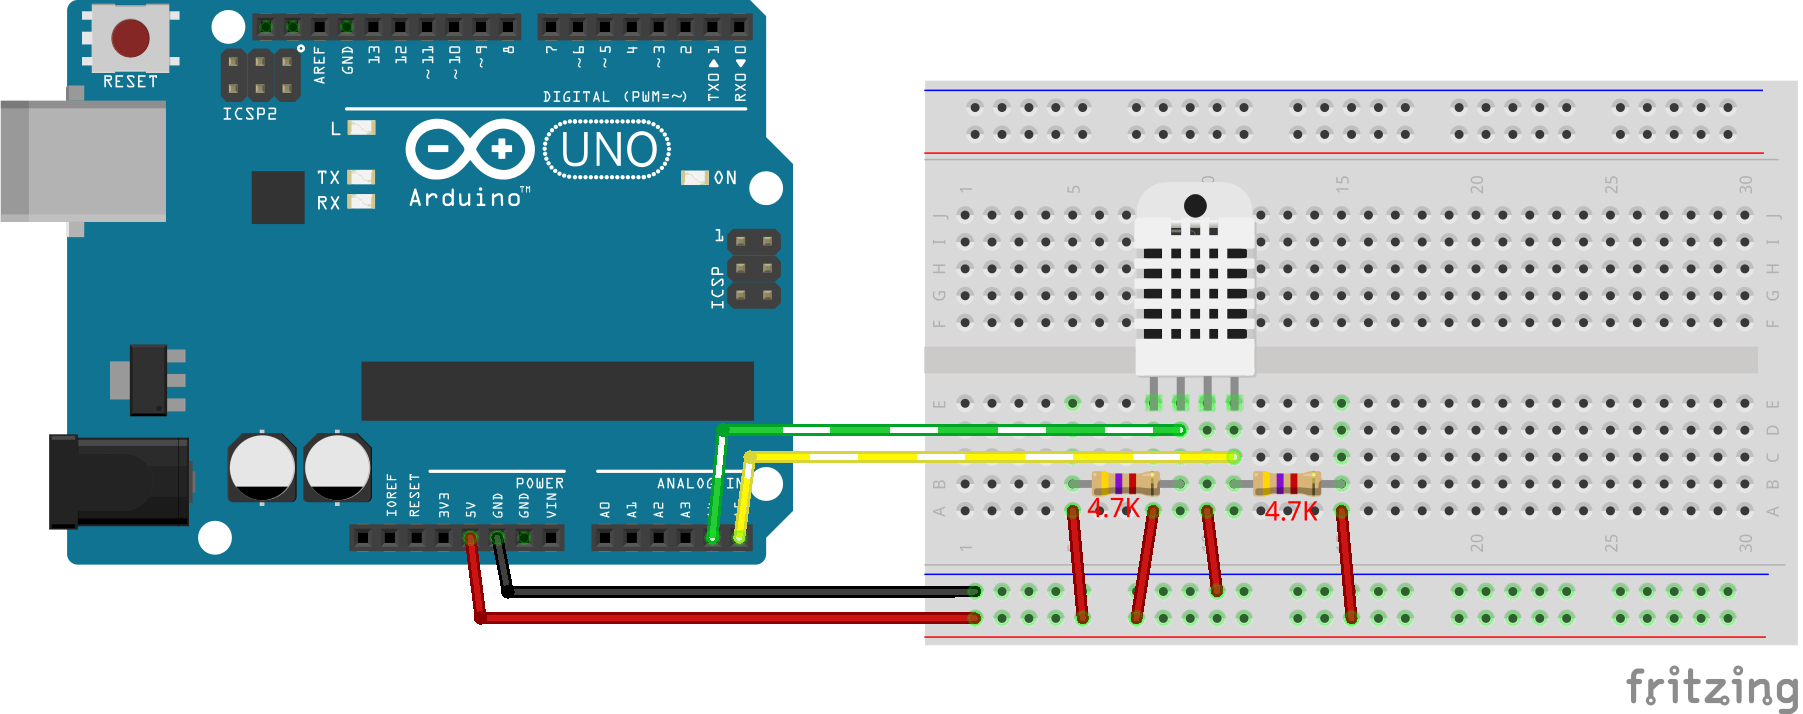 ArduinoUNO i2c